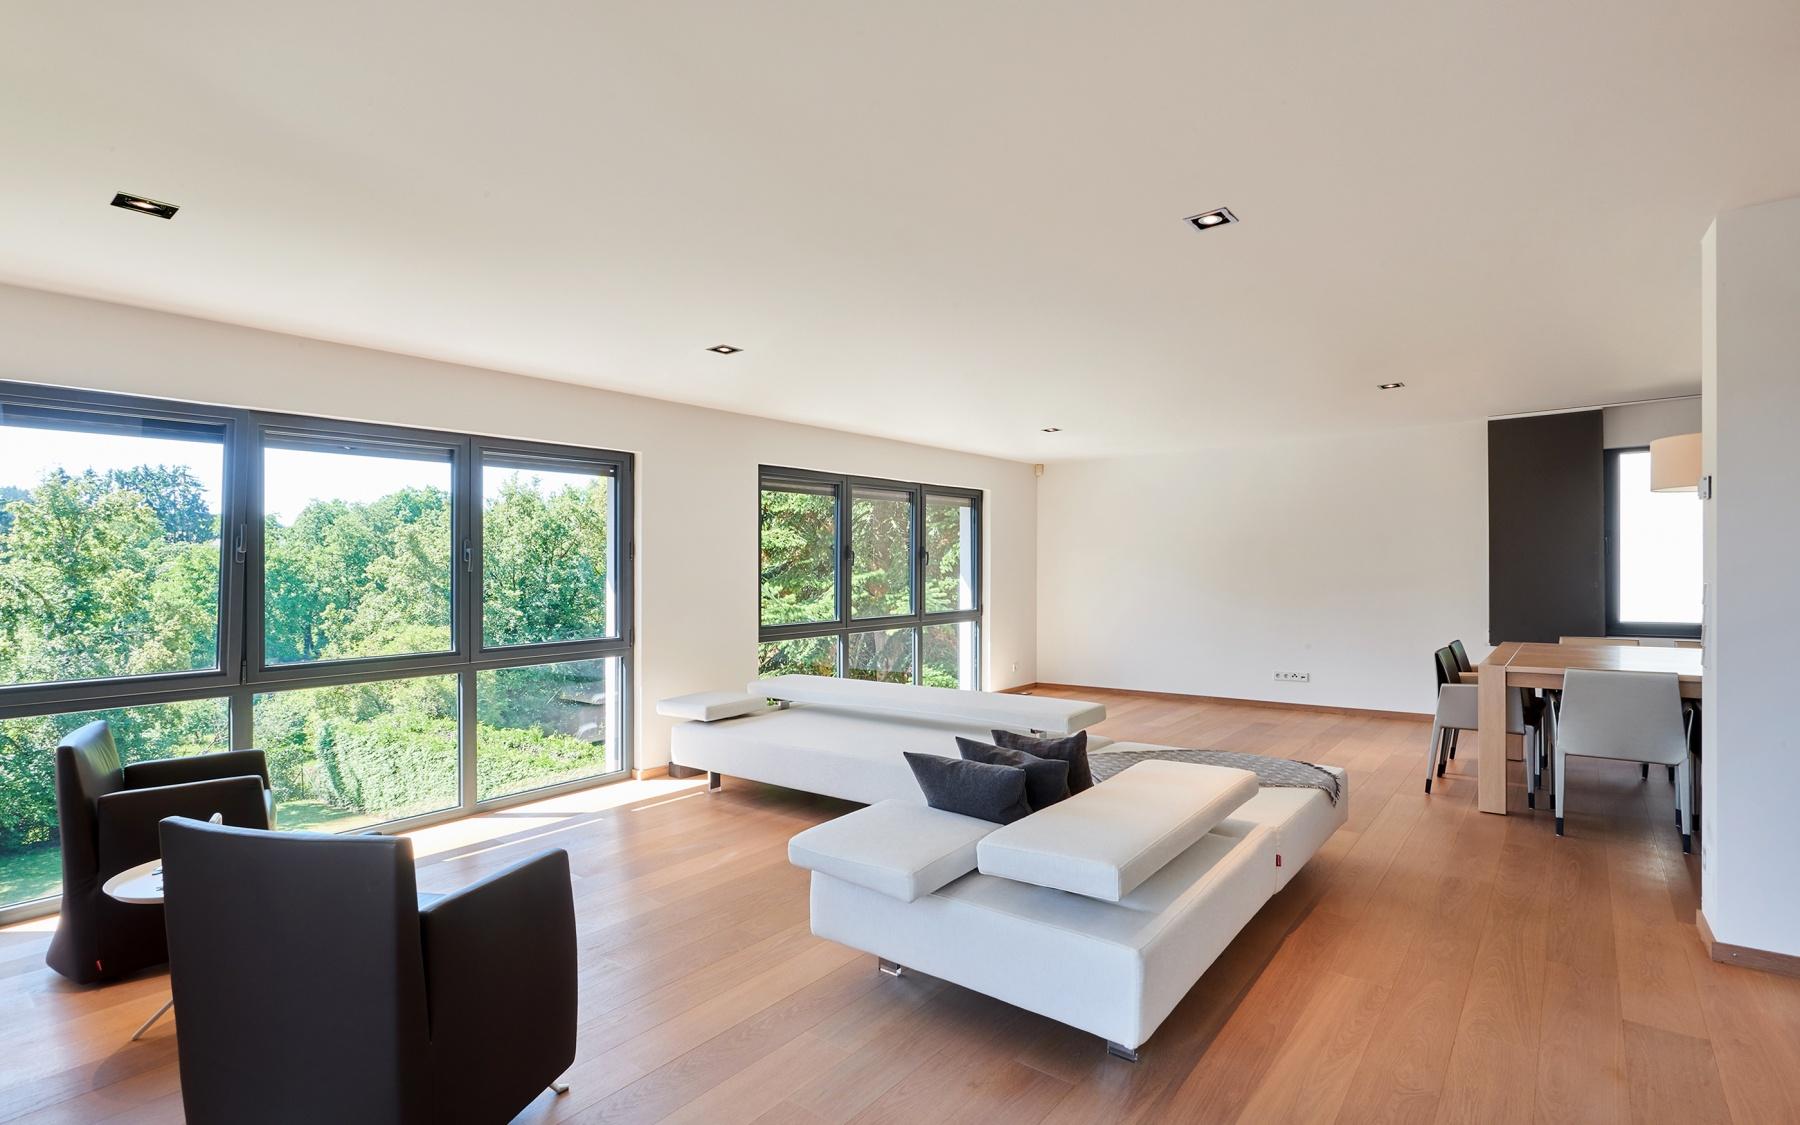 Maison contemporaine à Lenningen